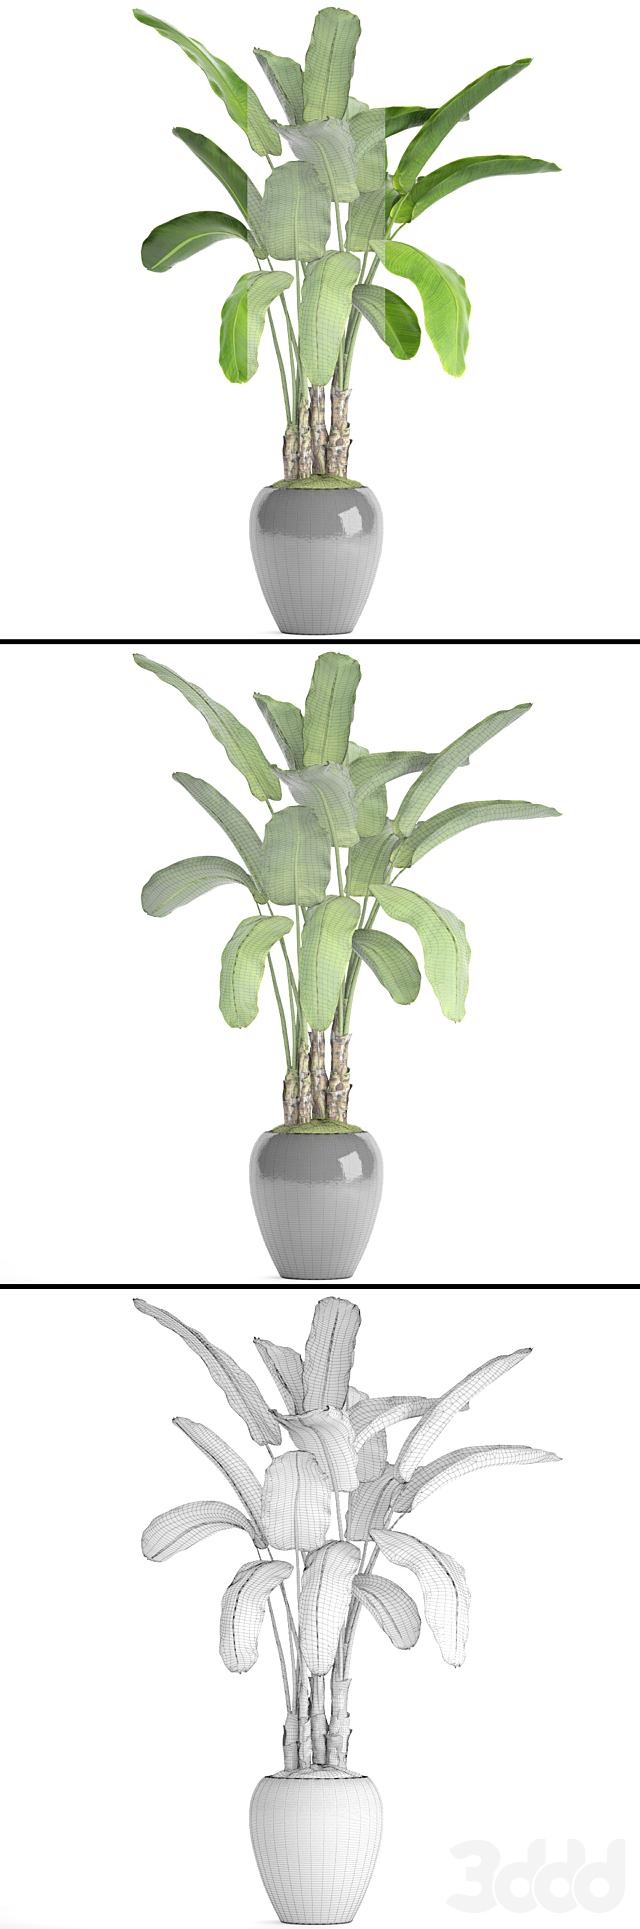 Банановая пальма в горшке 5